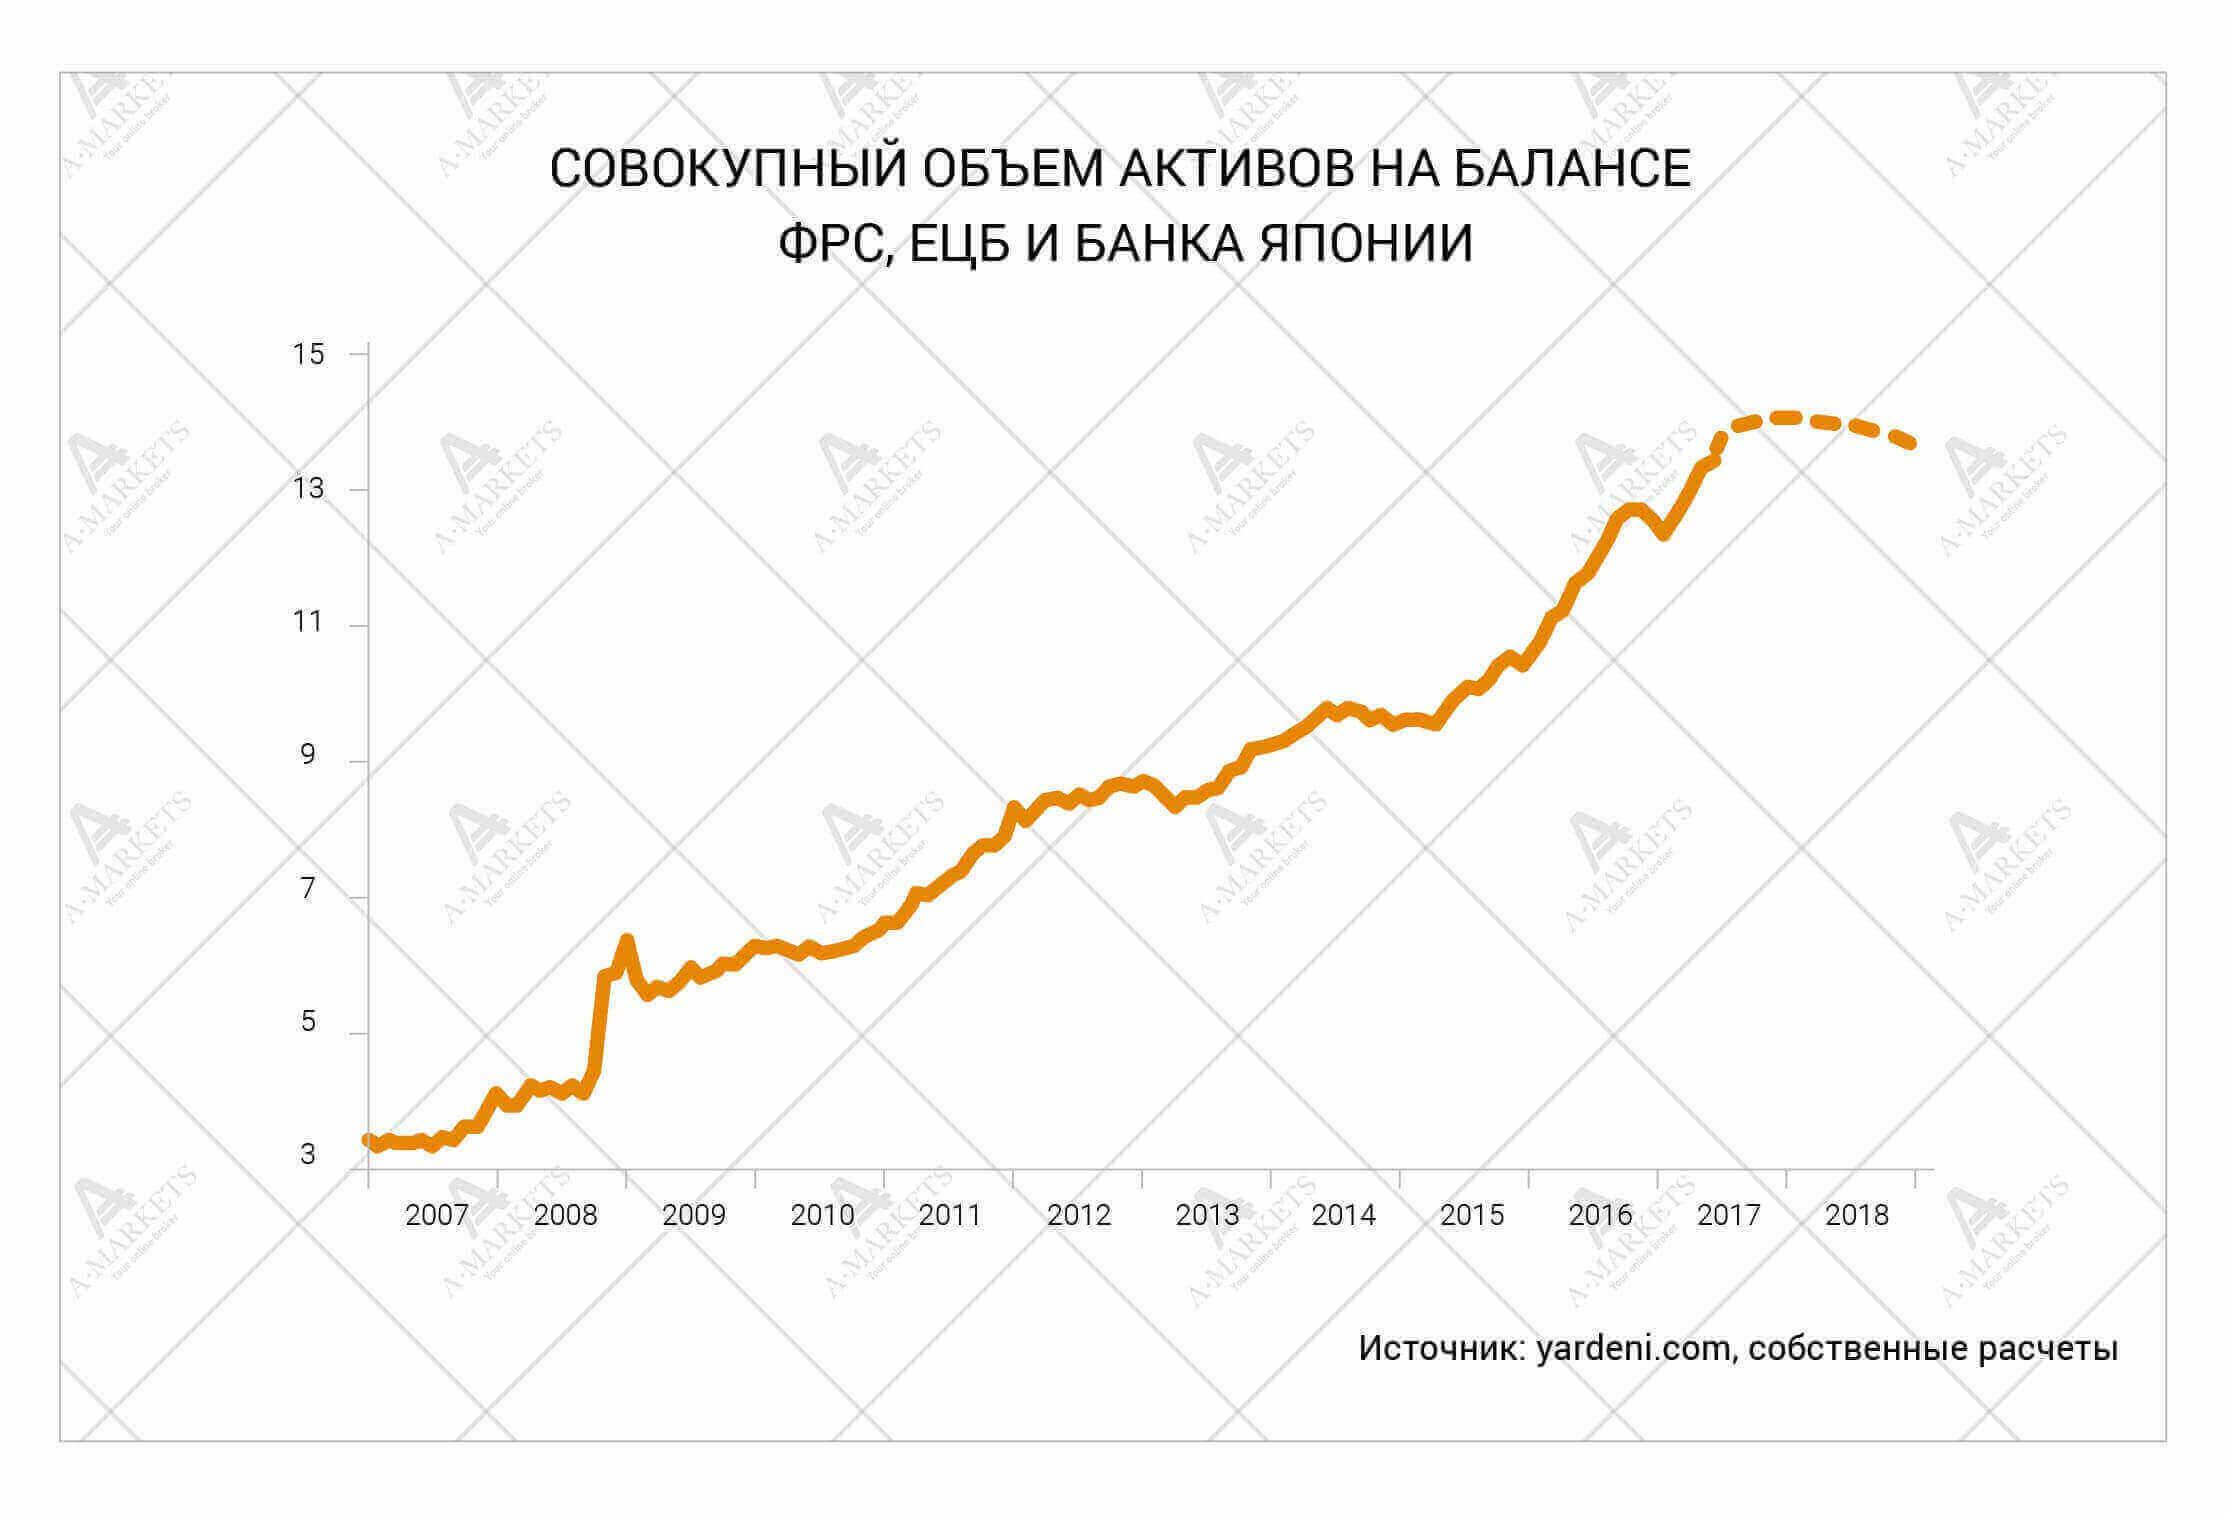 Совокупный объем активов на балансе ФРС, ЕЦБ и Банка Японии. Аналитика Николая Корженевского